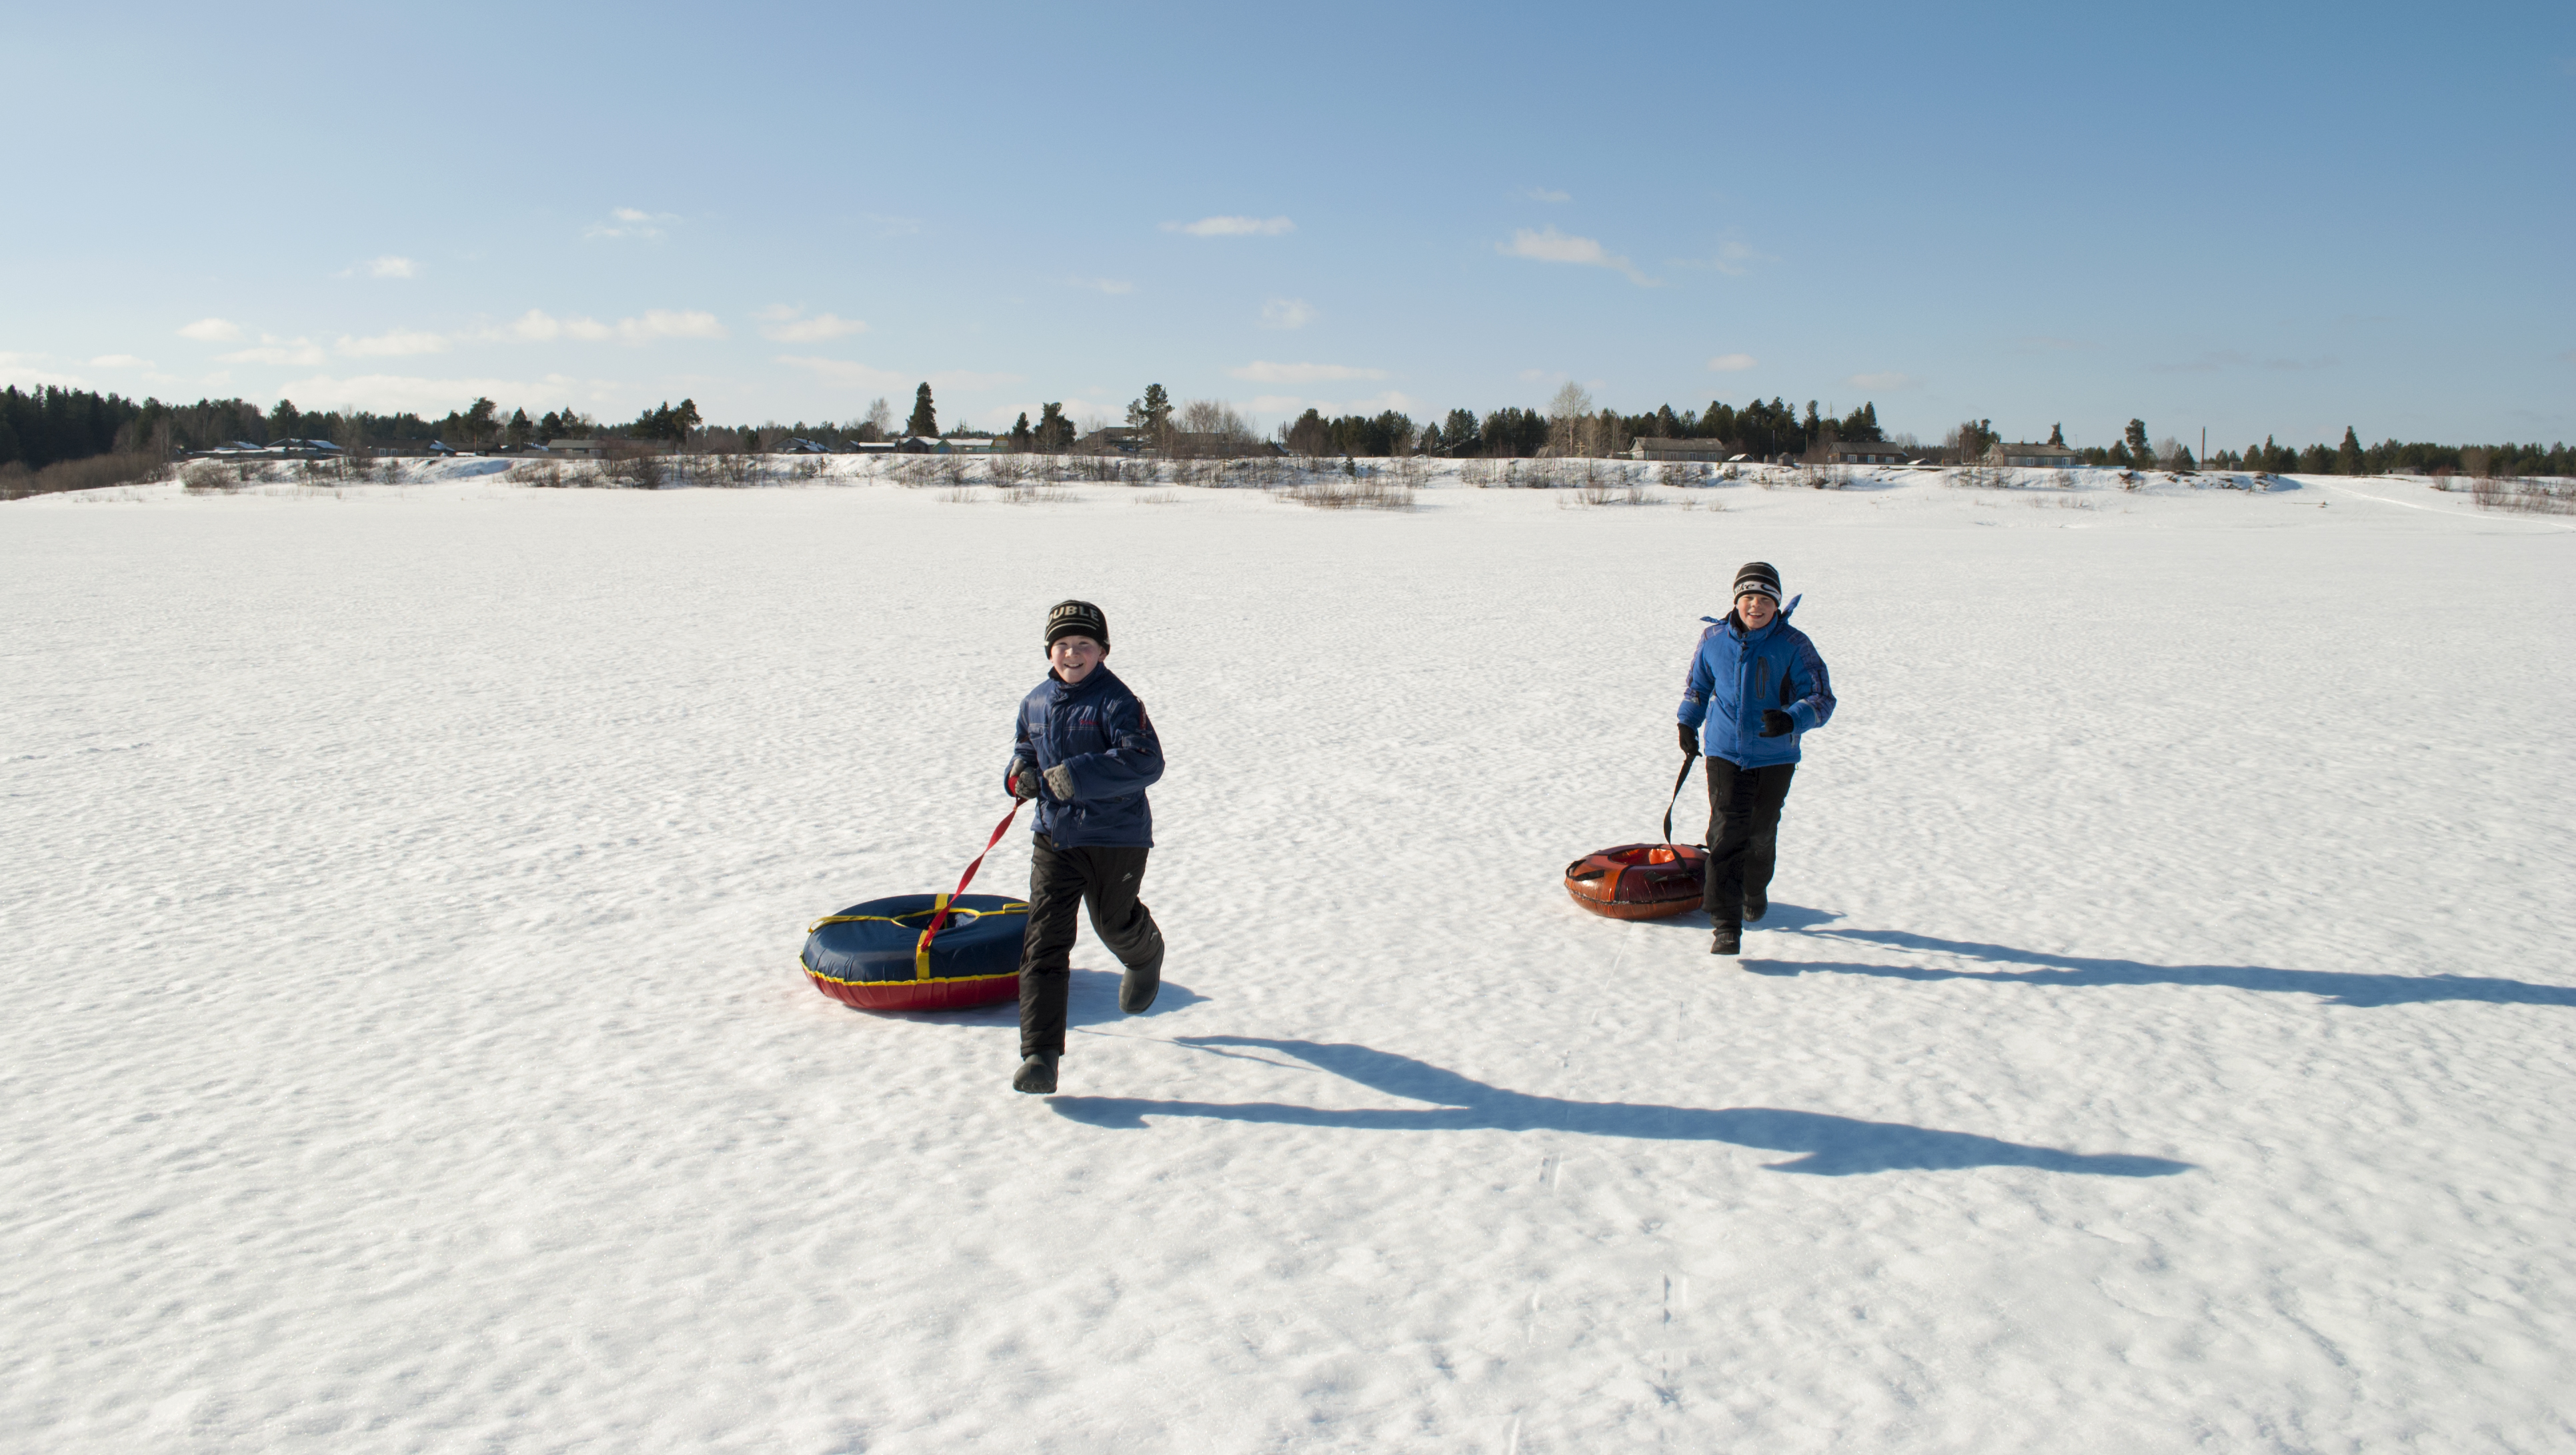 Готовы каталоги детских зимних туров поАрхангельской области